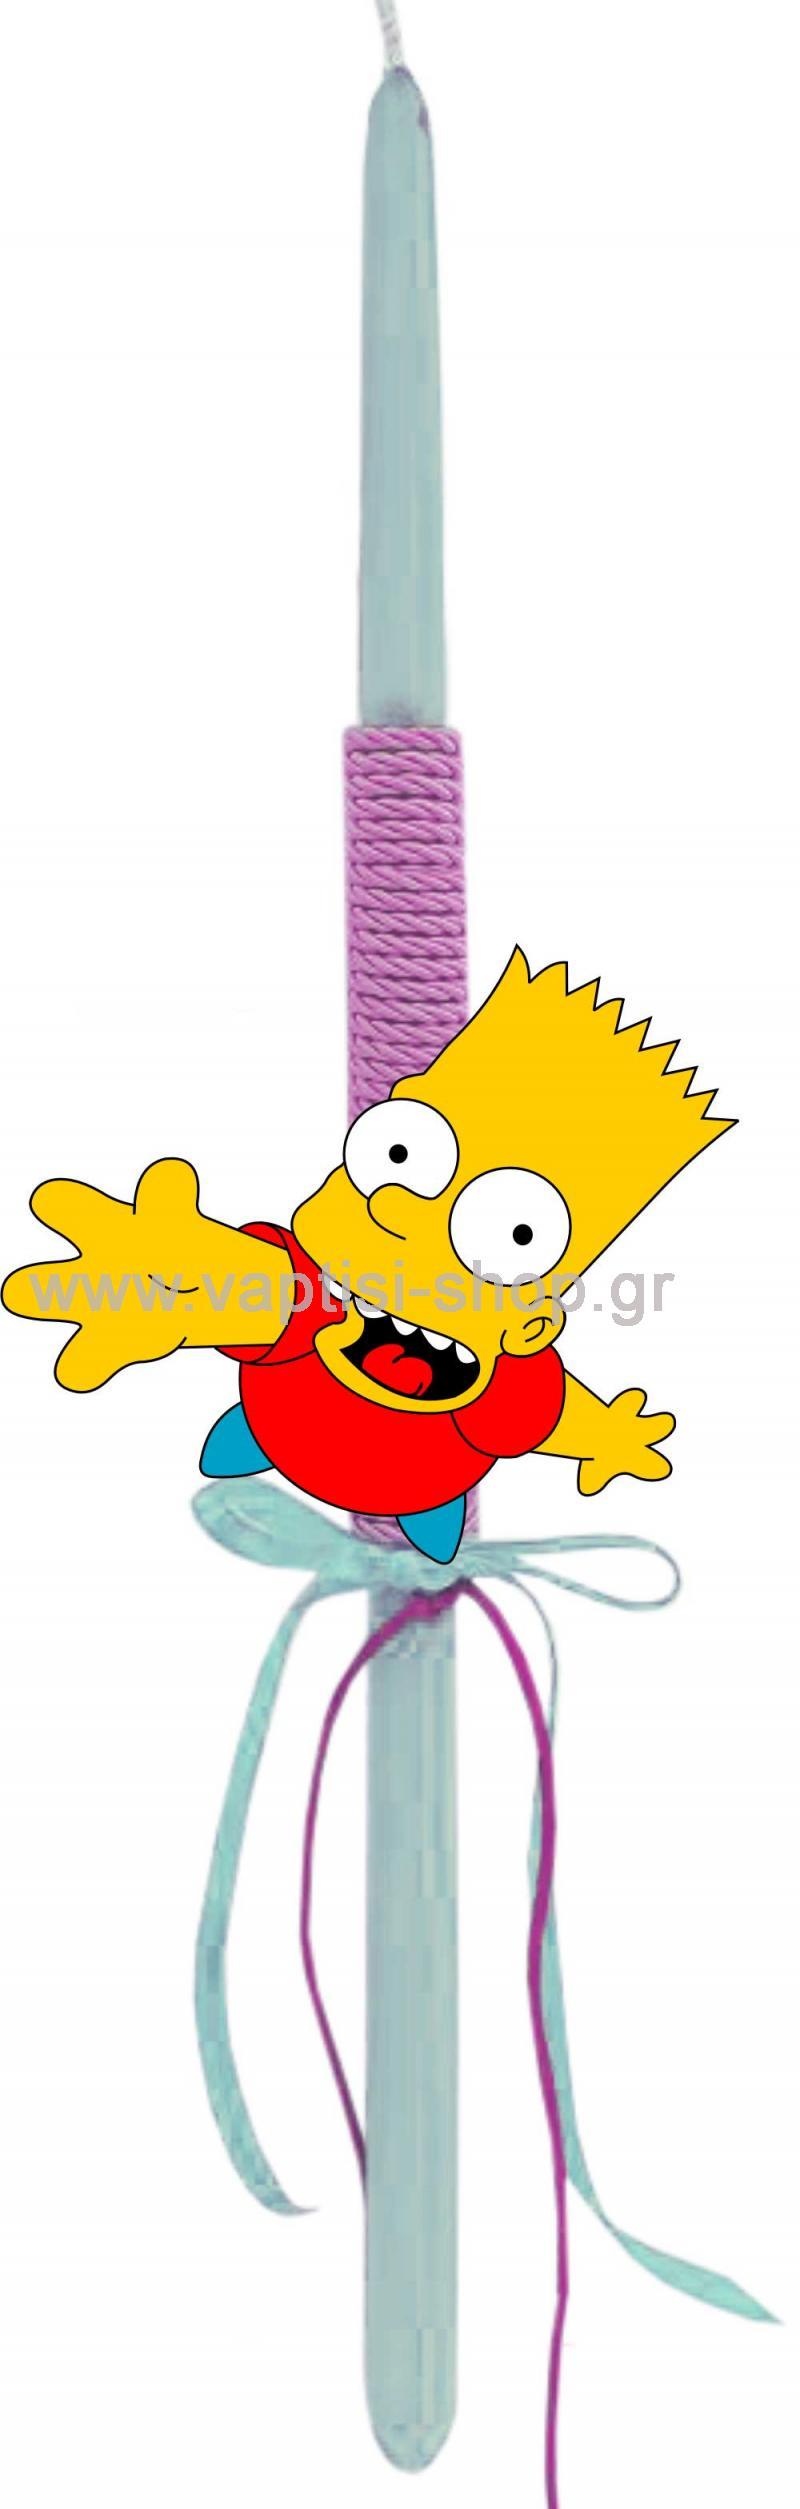 Πασχαλινή Λαμπάδα Bart Simpson